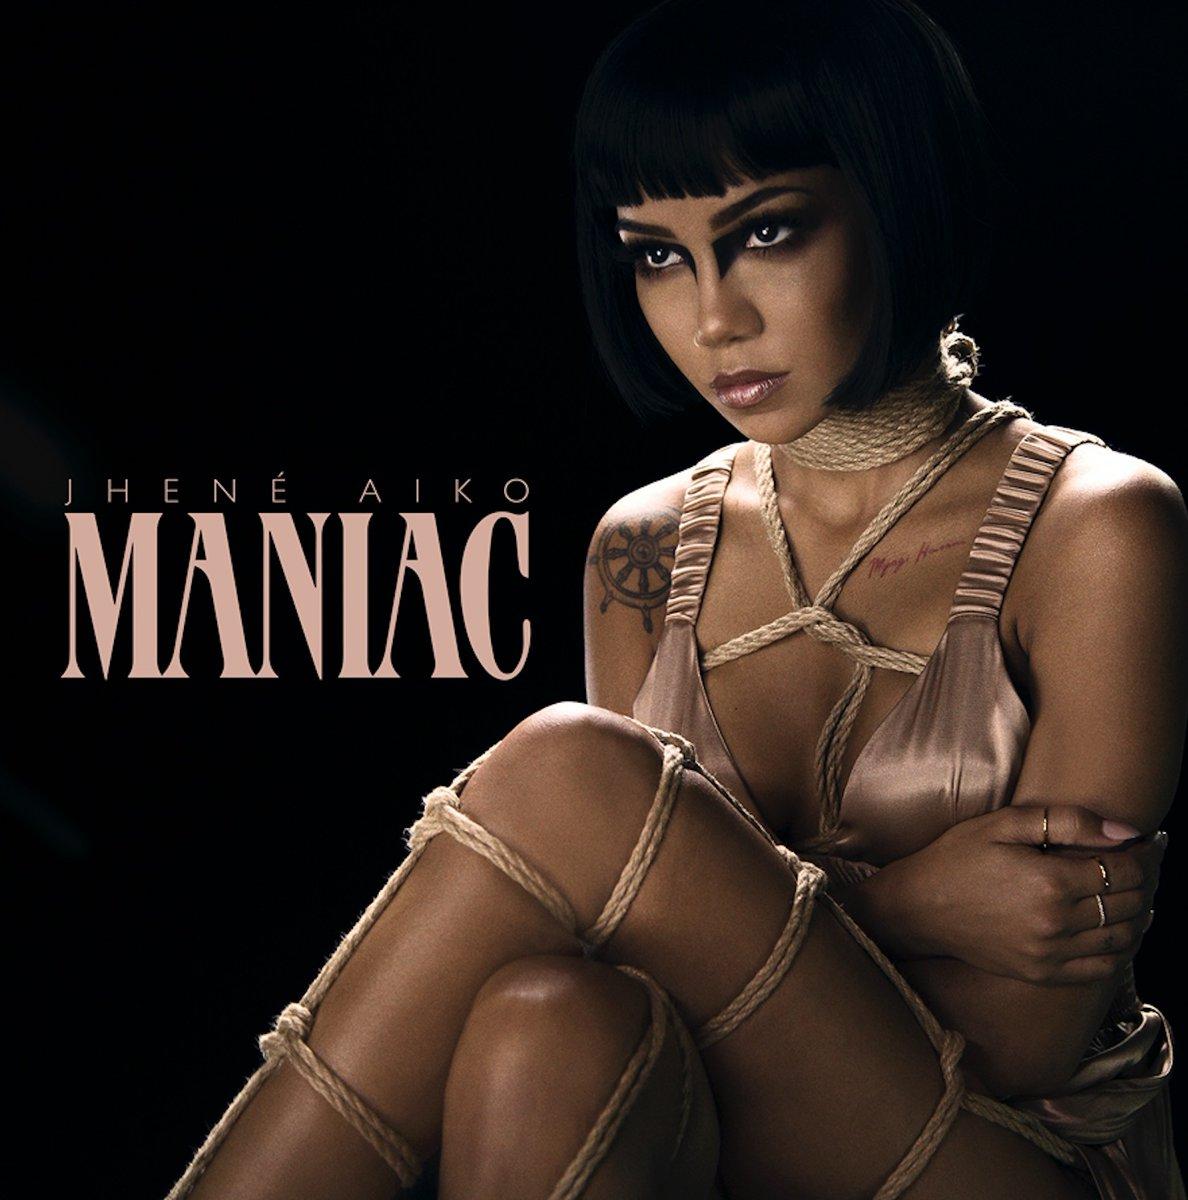 Track Review: Jhene Aiko, 'Maniac'